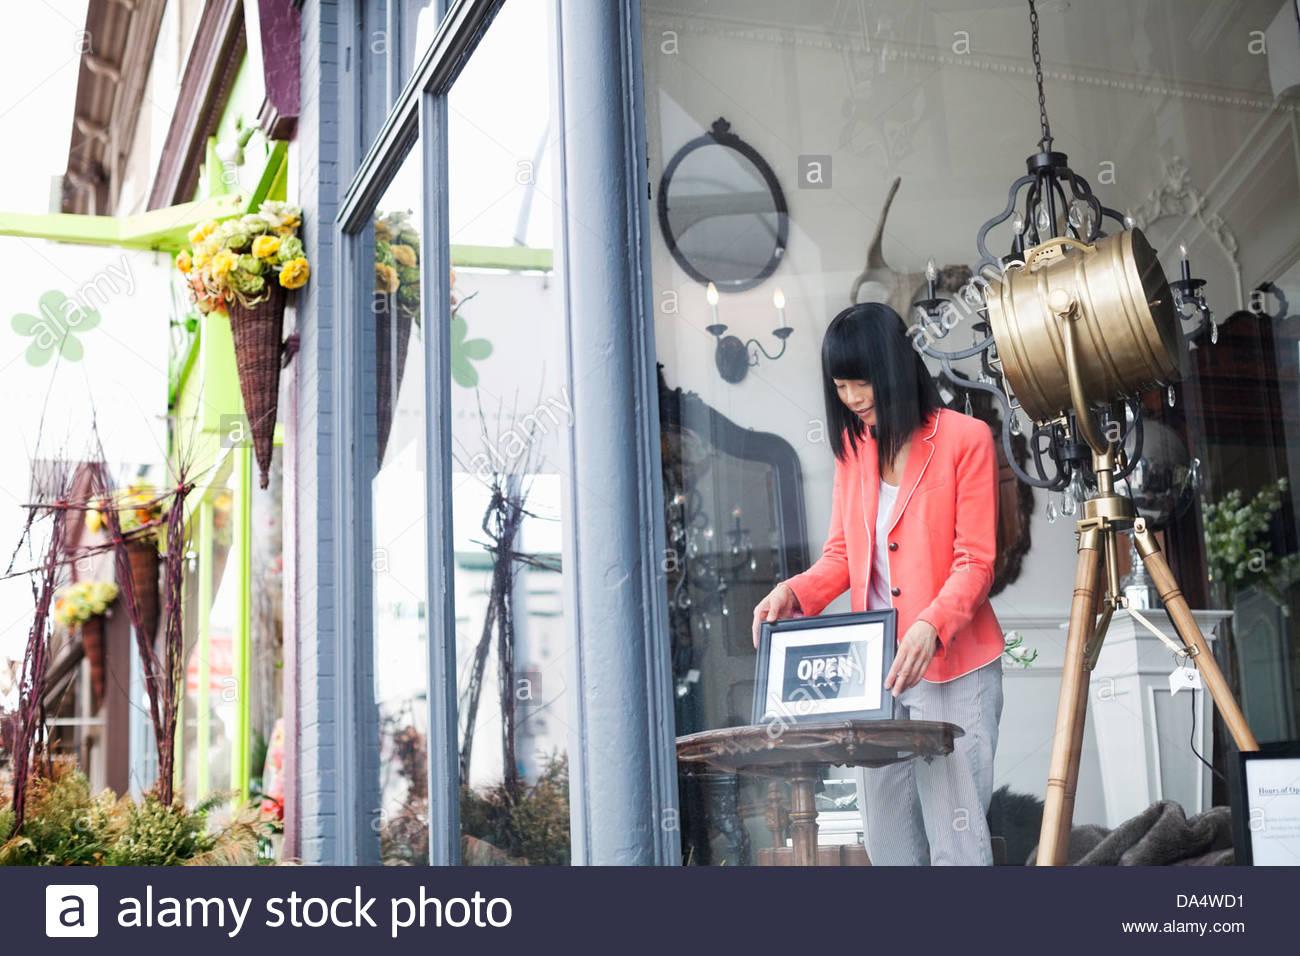 Propietario de negocios femenina mostrar signo abierto en la ventana del almacén de muebles Imagen De Stock